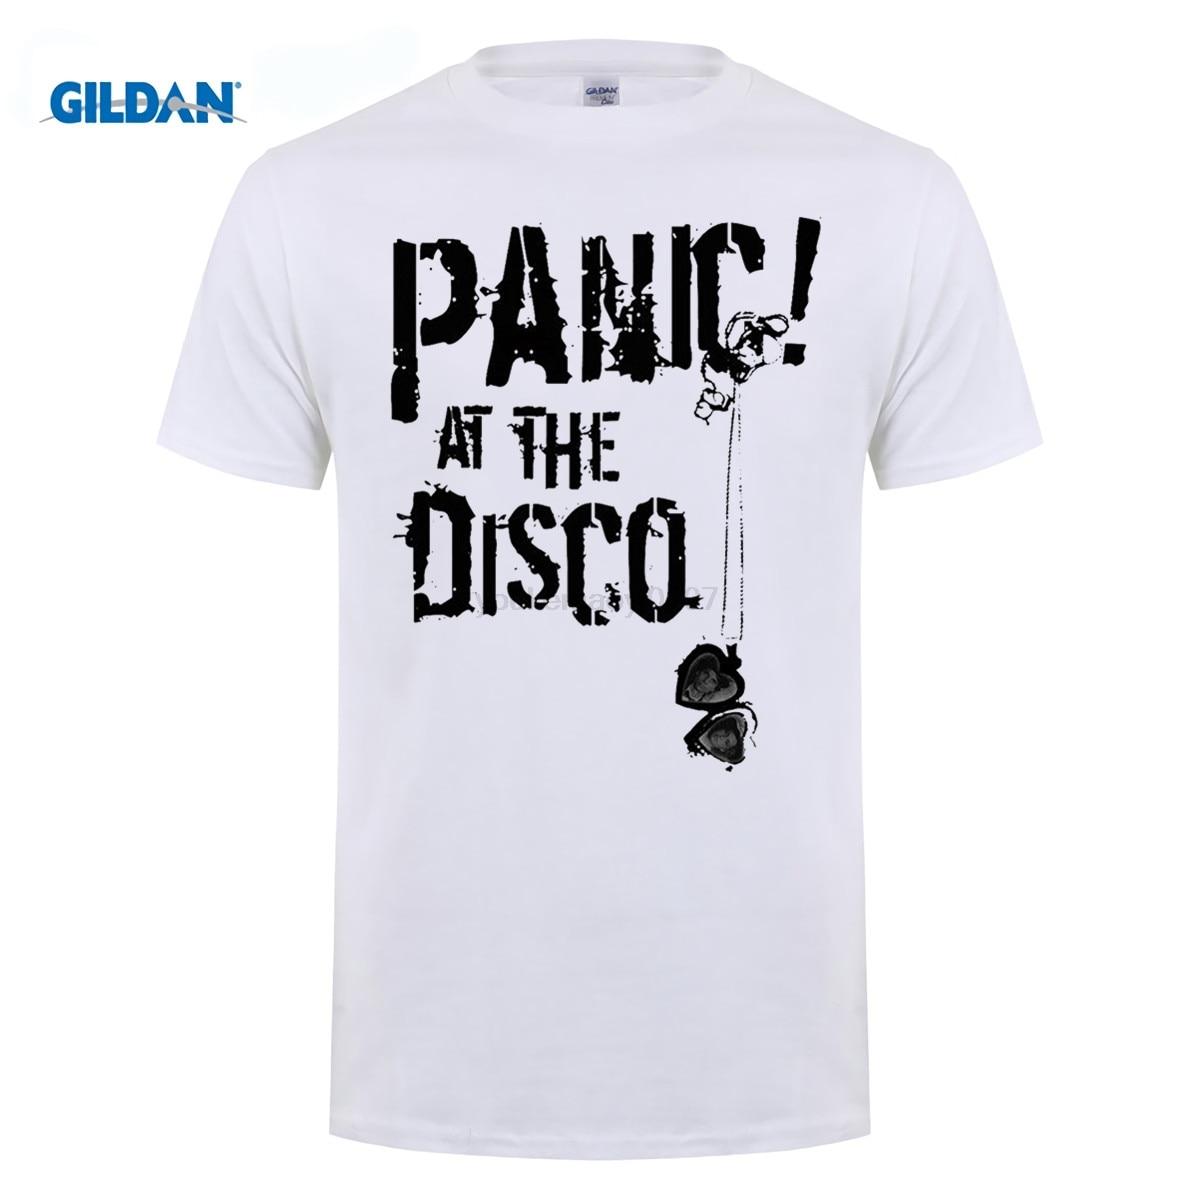 GILDAN Fashion T Shirt Short Short O-Neck Panic At The Disco Panic At The Disco T Shirts